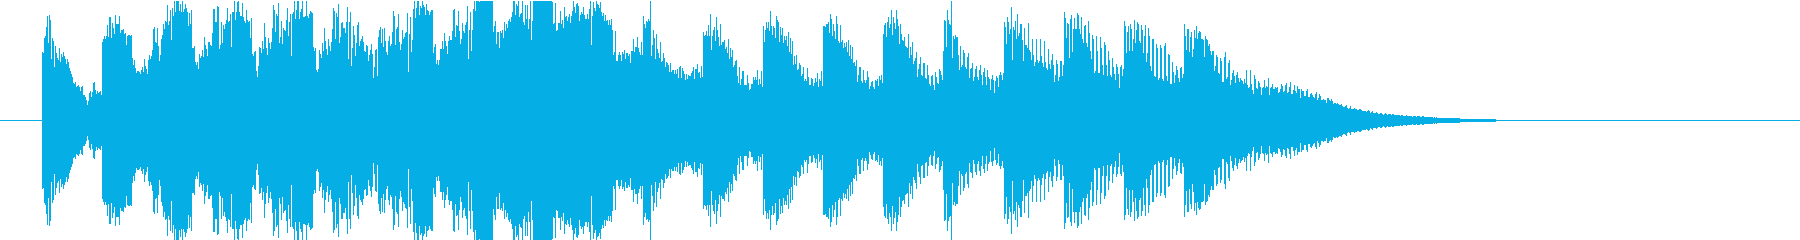 不安になるアラーム(緊急事態)の再生済みの波形